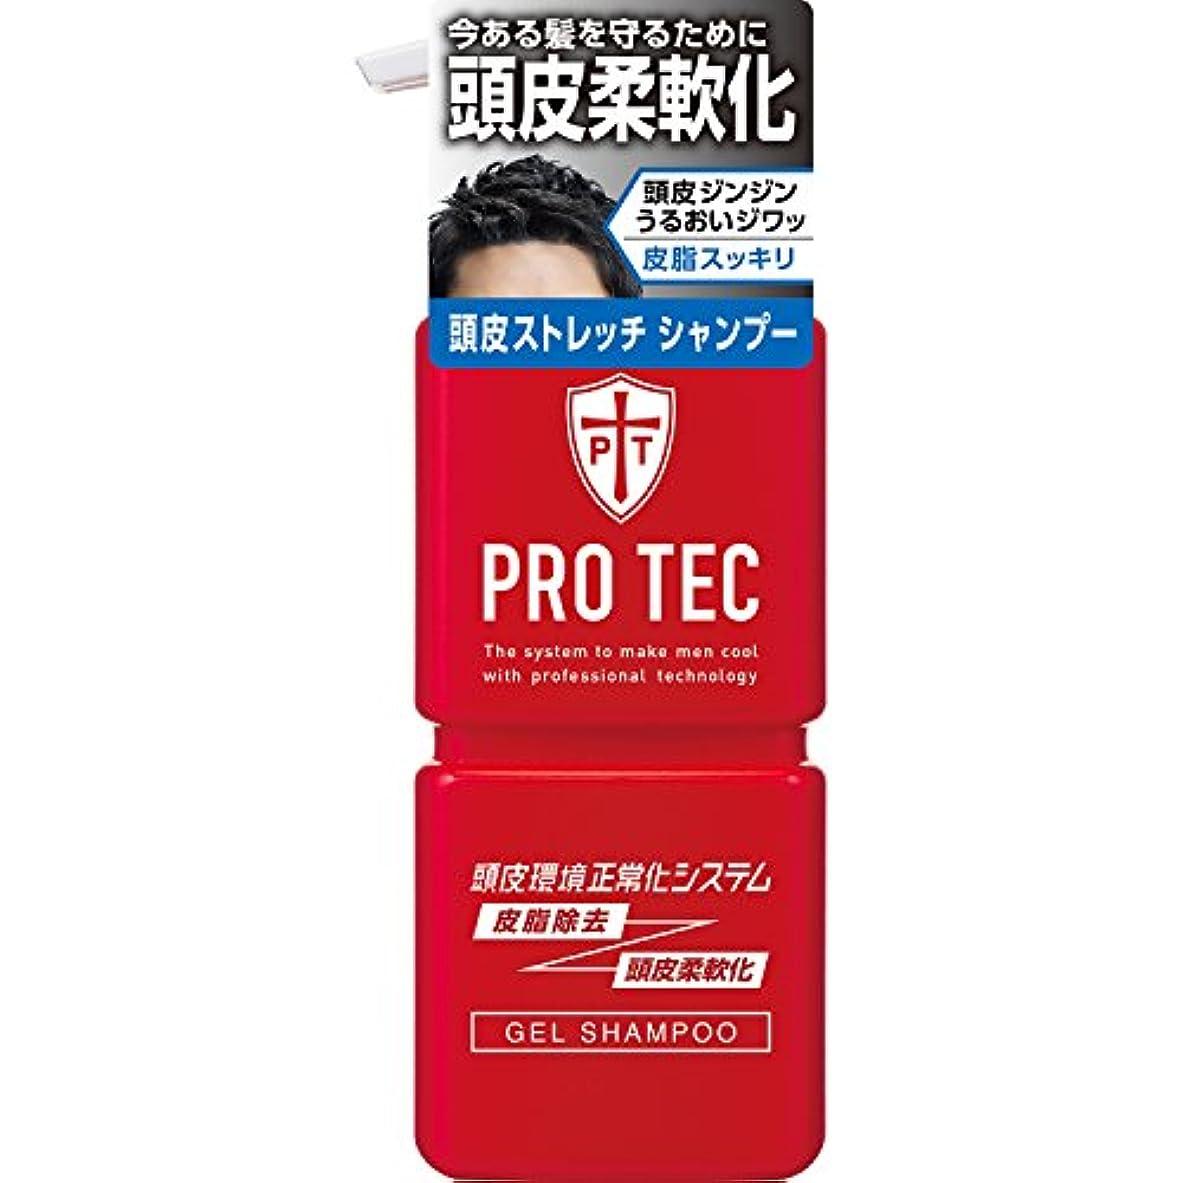 ドール曲がったバラエティPRO TEC(プロテク) 頭皮ストレッチ シャンプー 本体ポンプ 300g(医薬部外品)